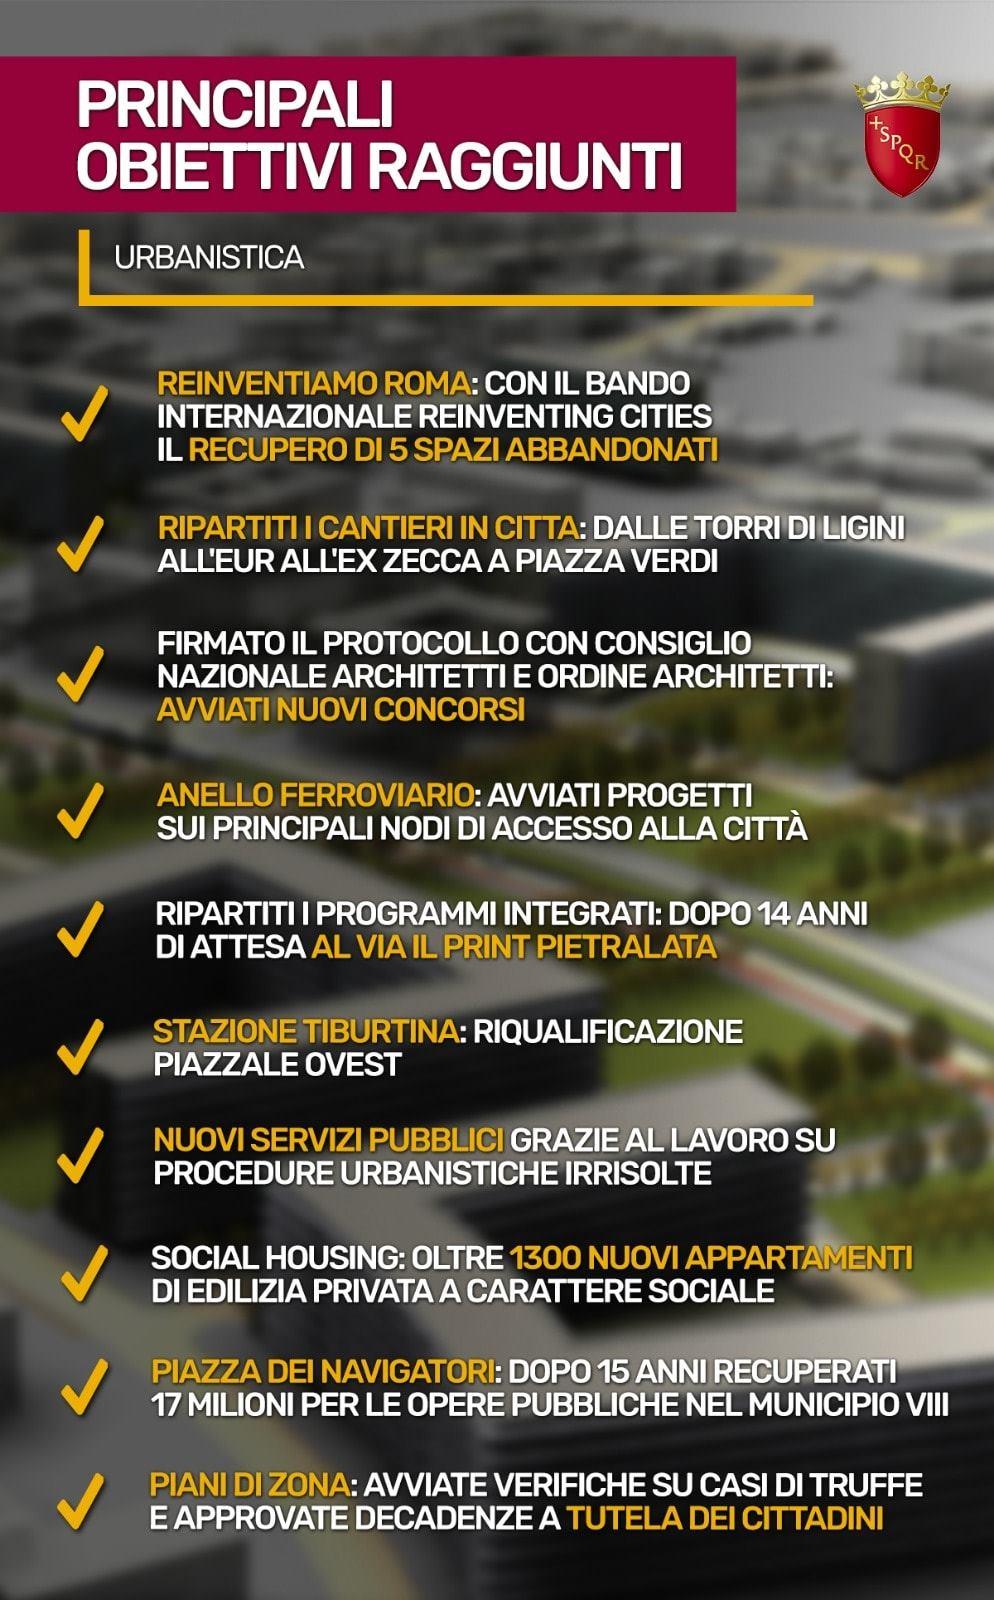 da Fb Luca Montuori bilancio febbraio 2020